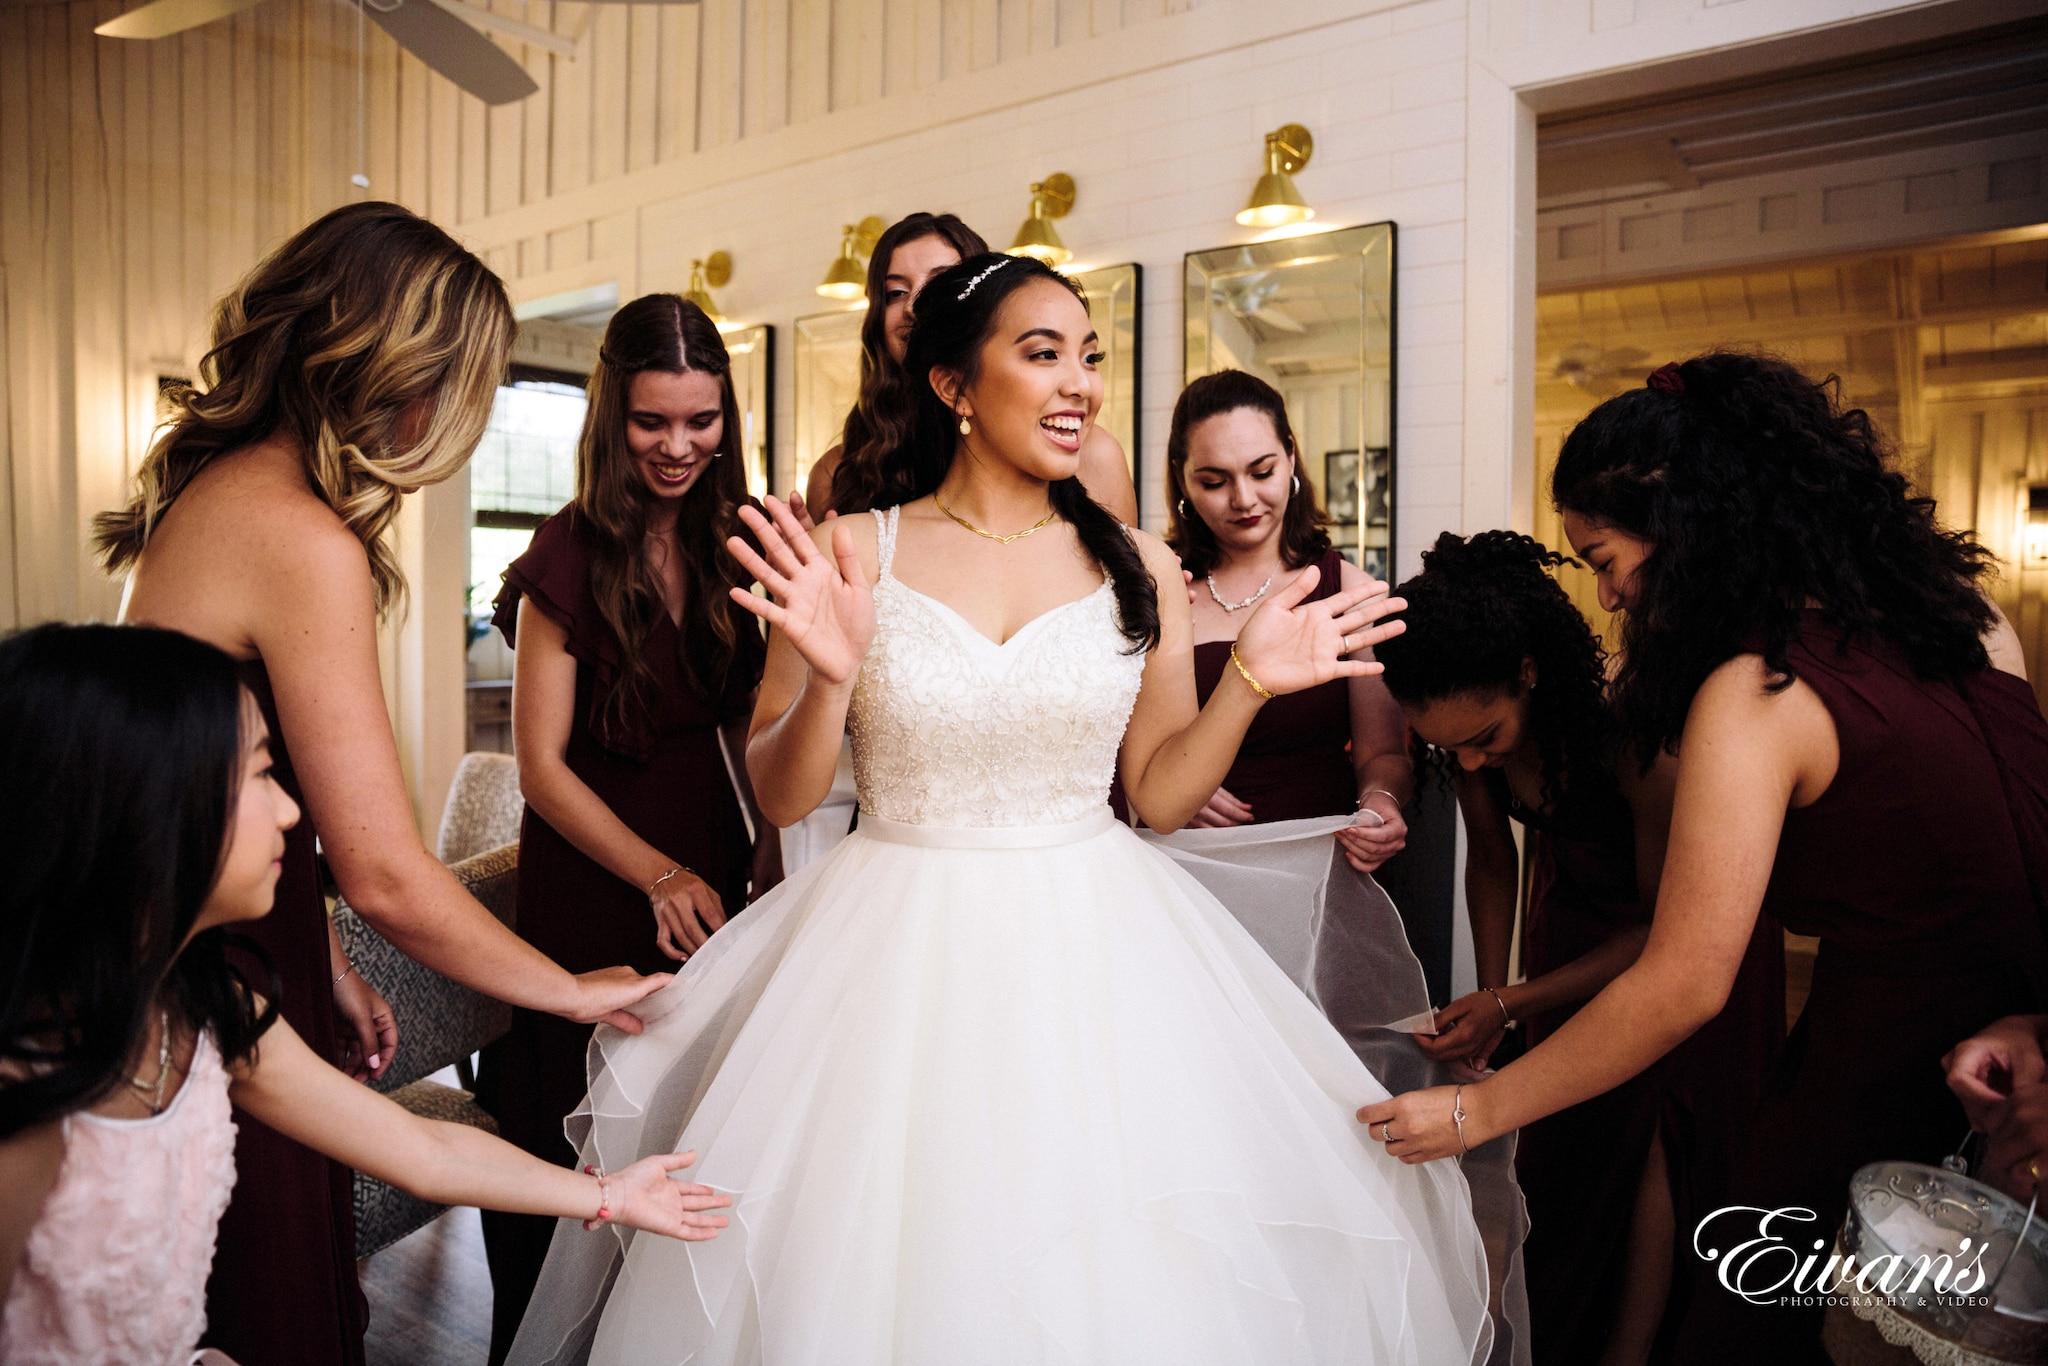 smiling bride with bridesmaid